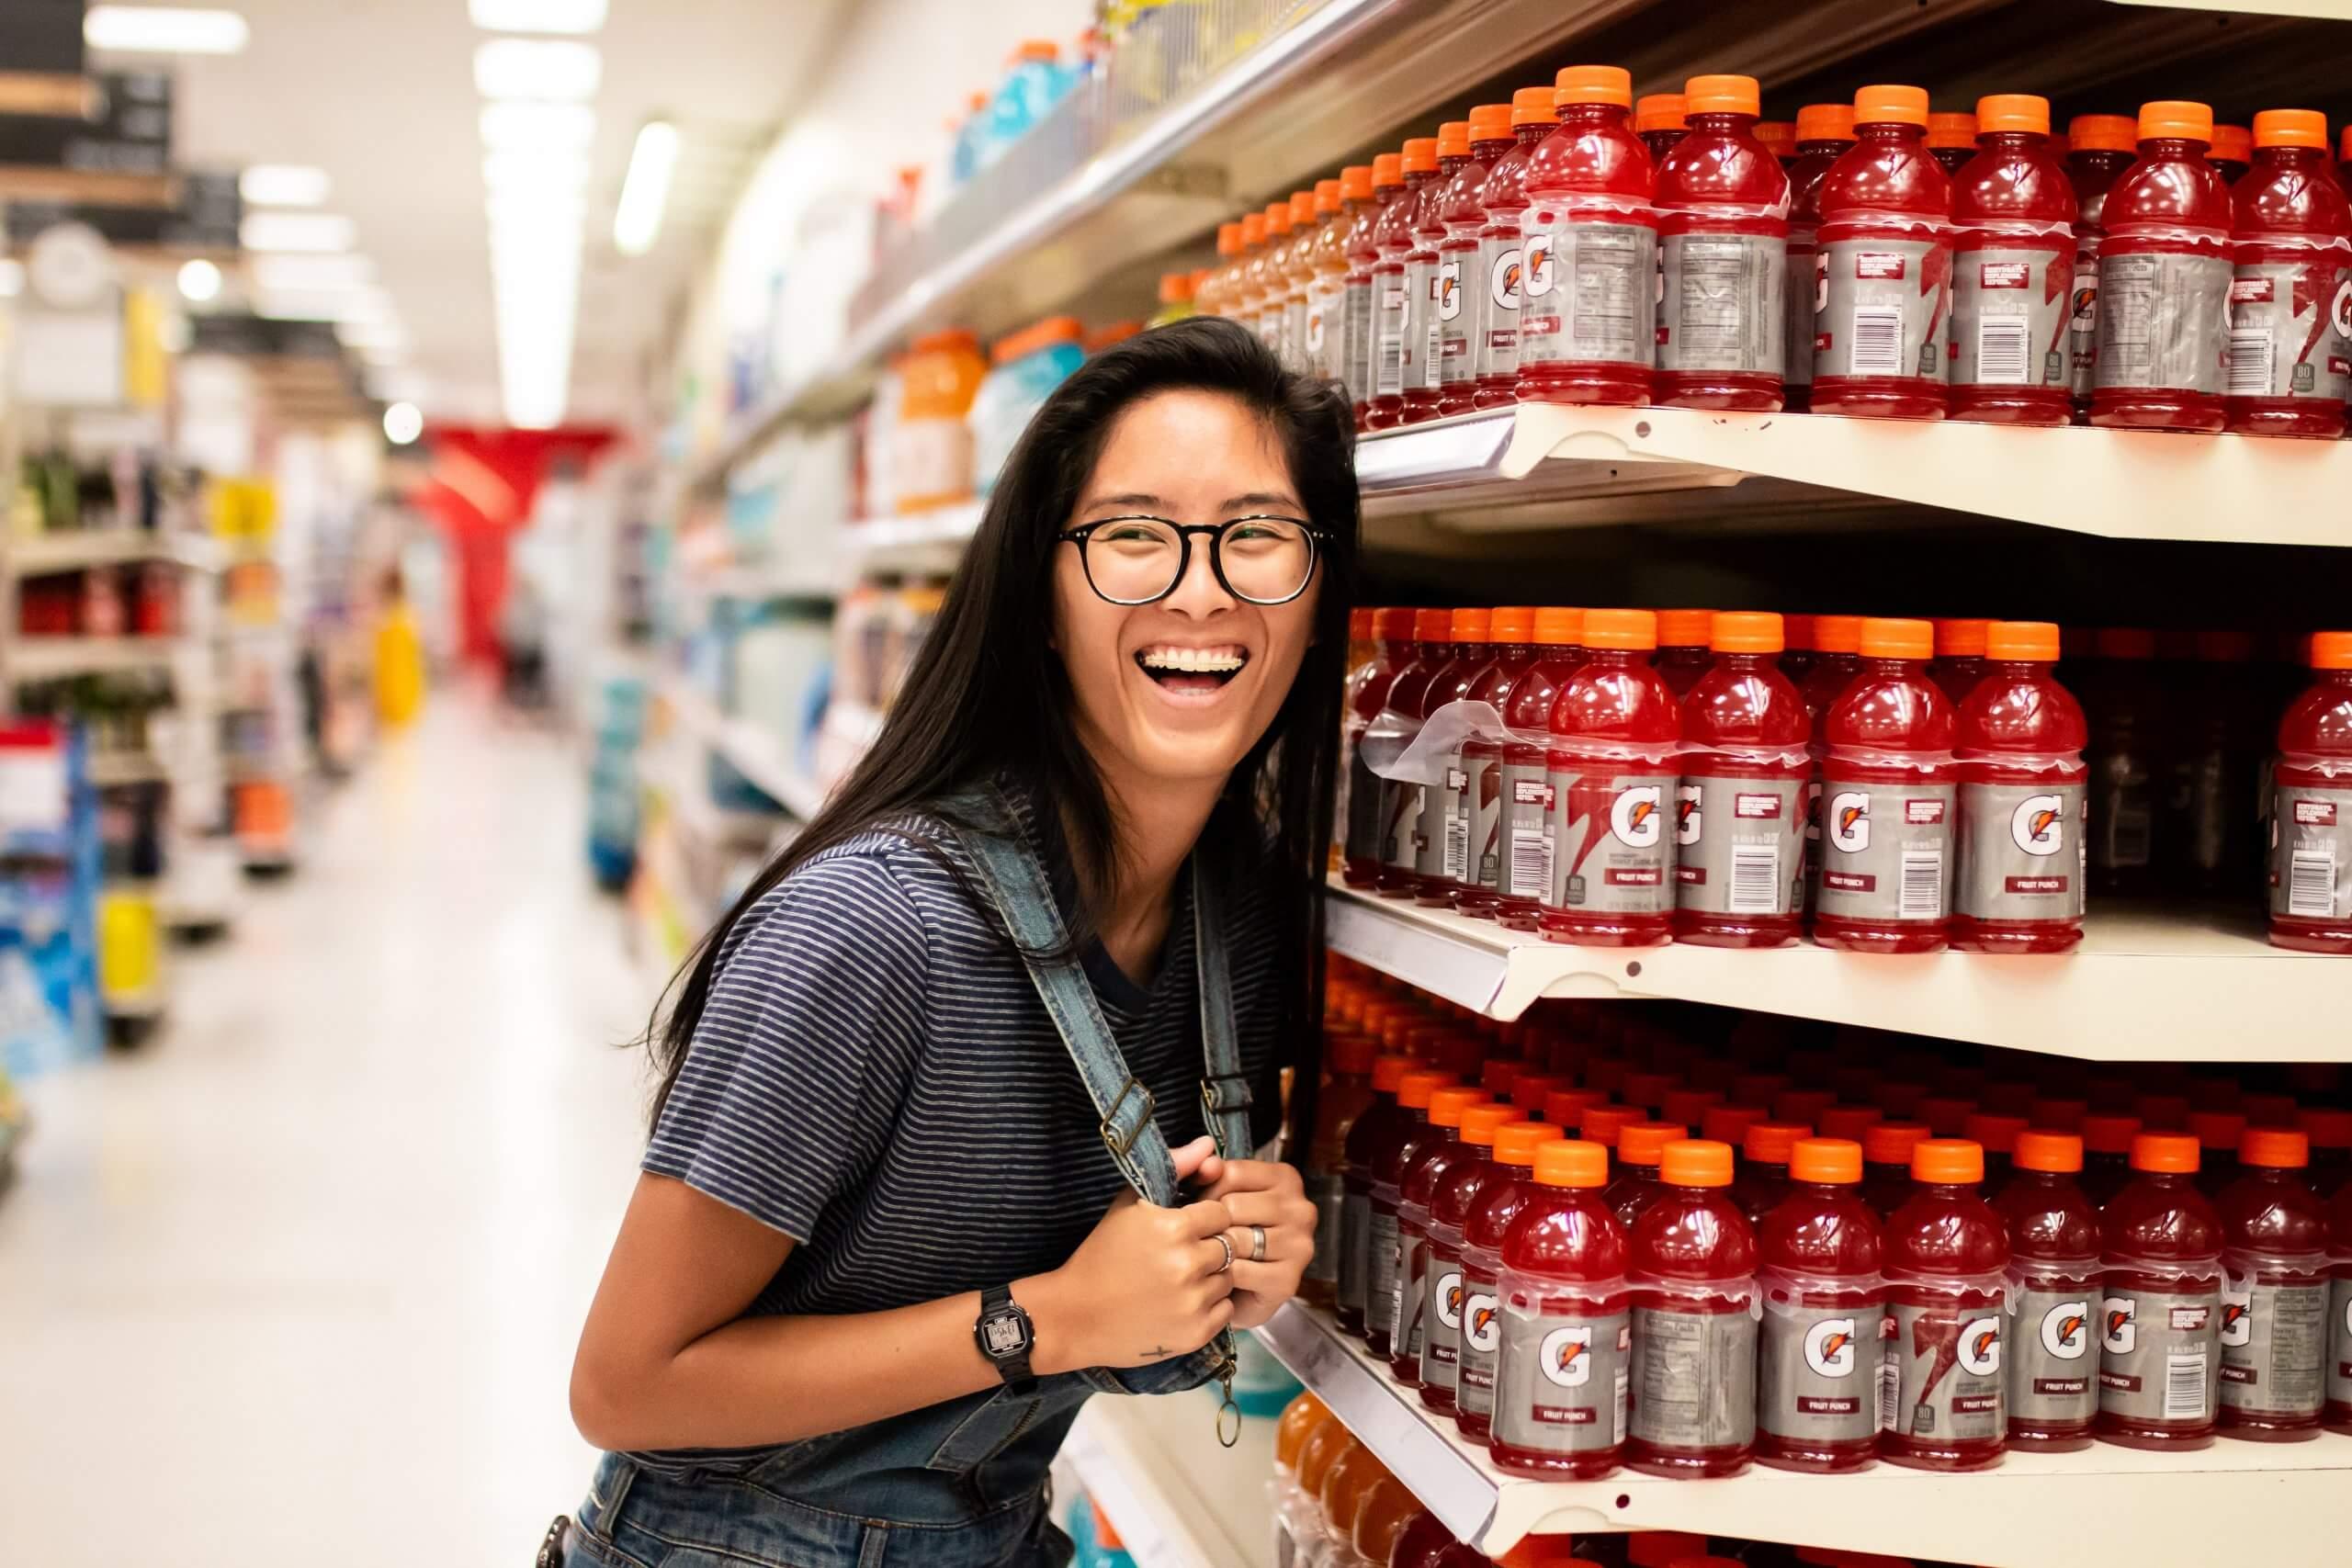 Women Smiling Next to Gatorade Bottles